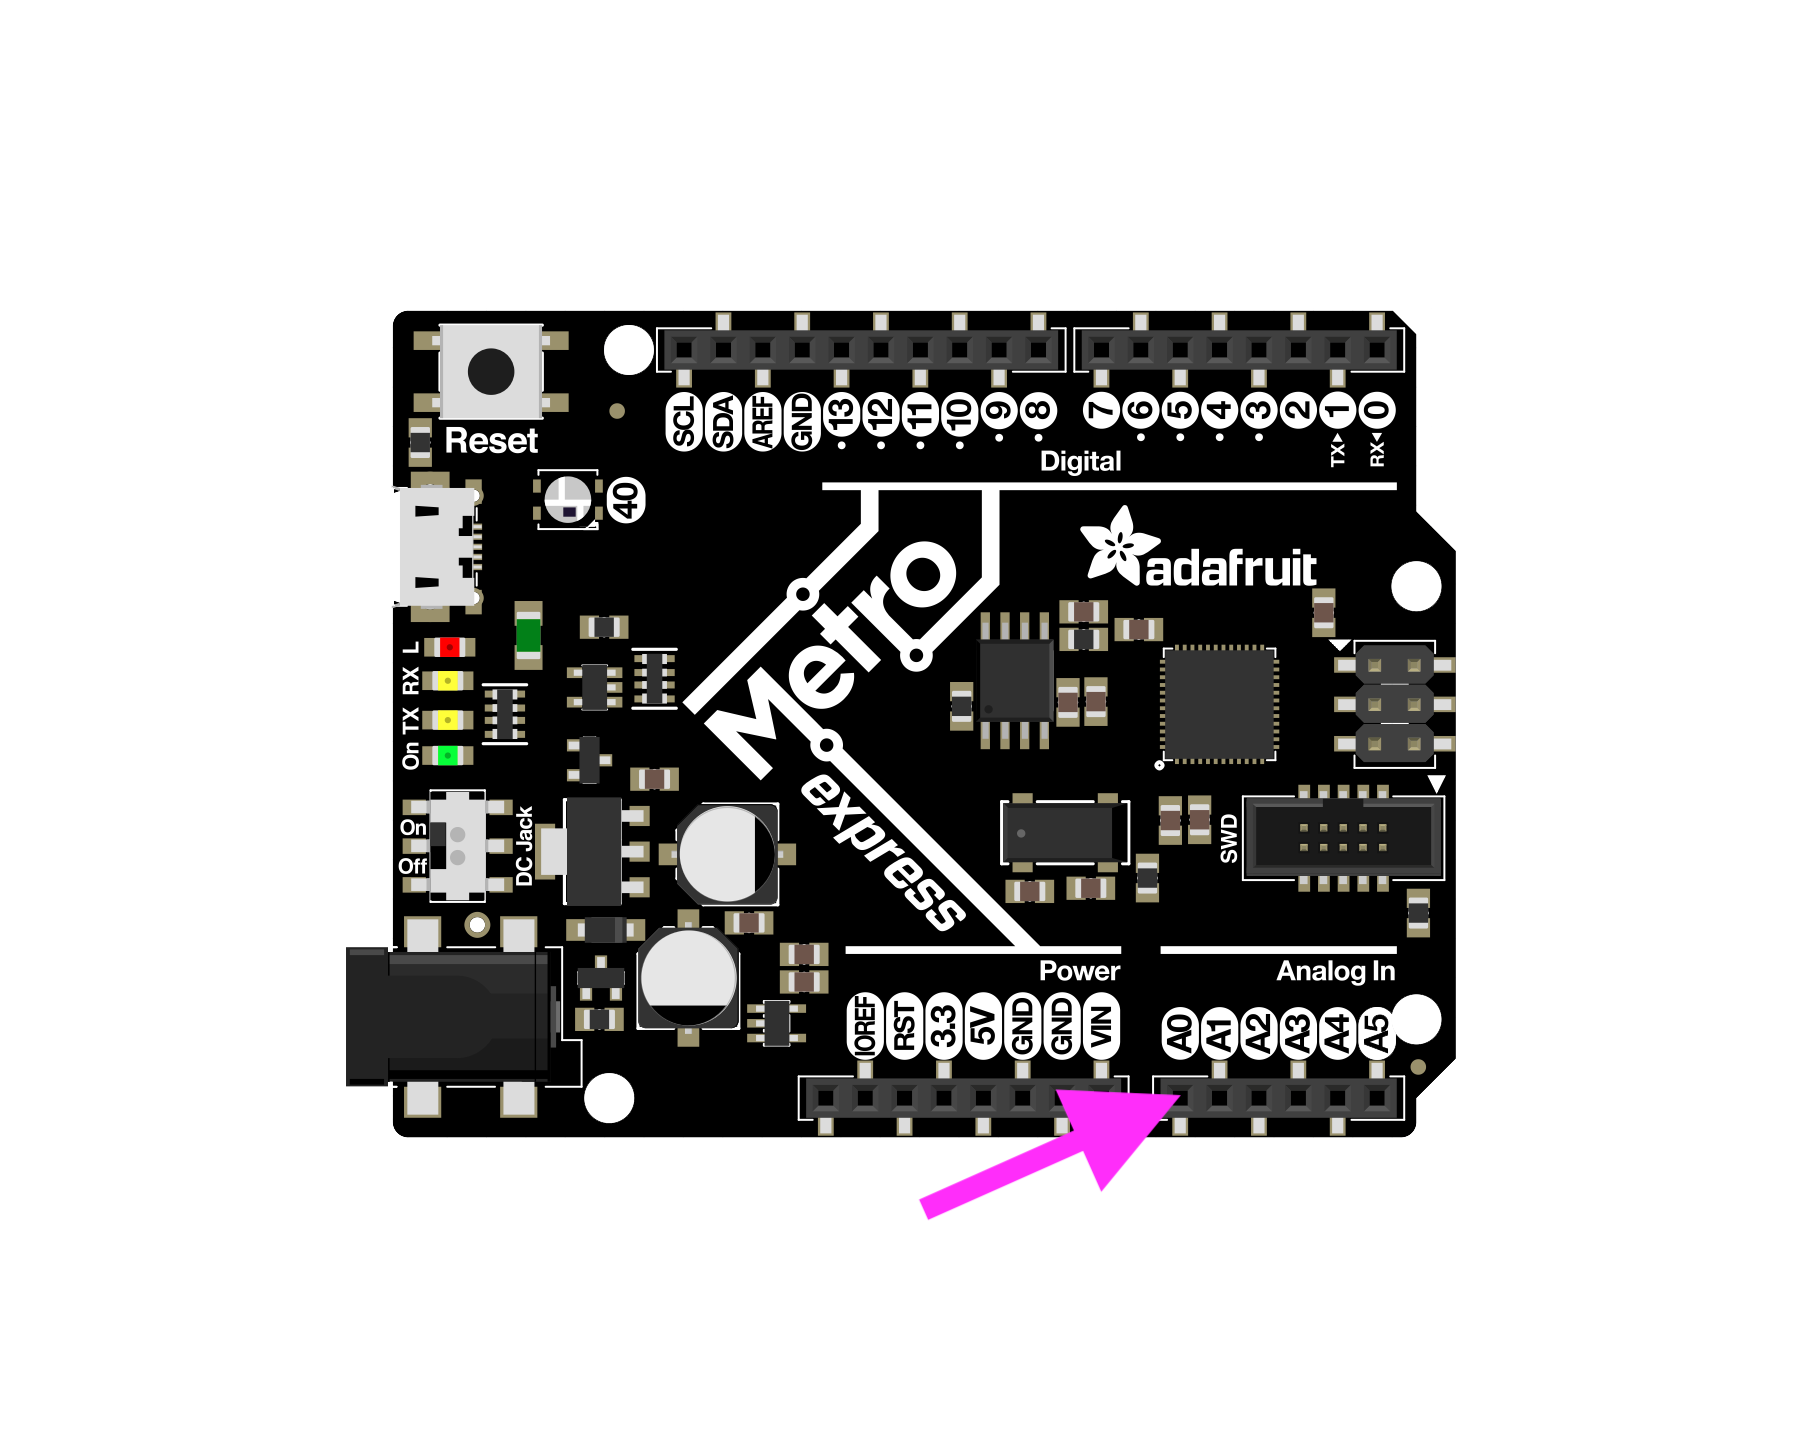 circuitpython_MetroM0ExpressBoardA0.png